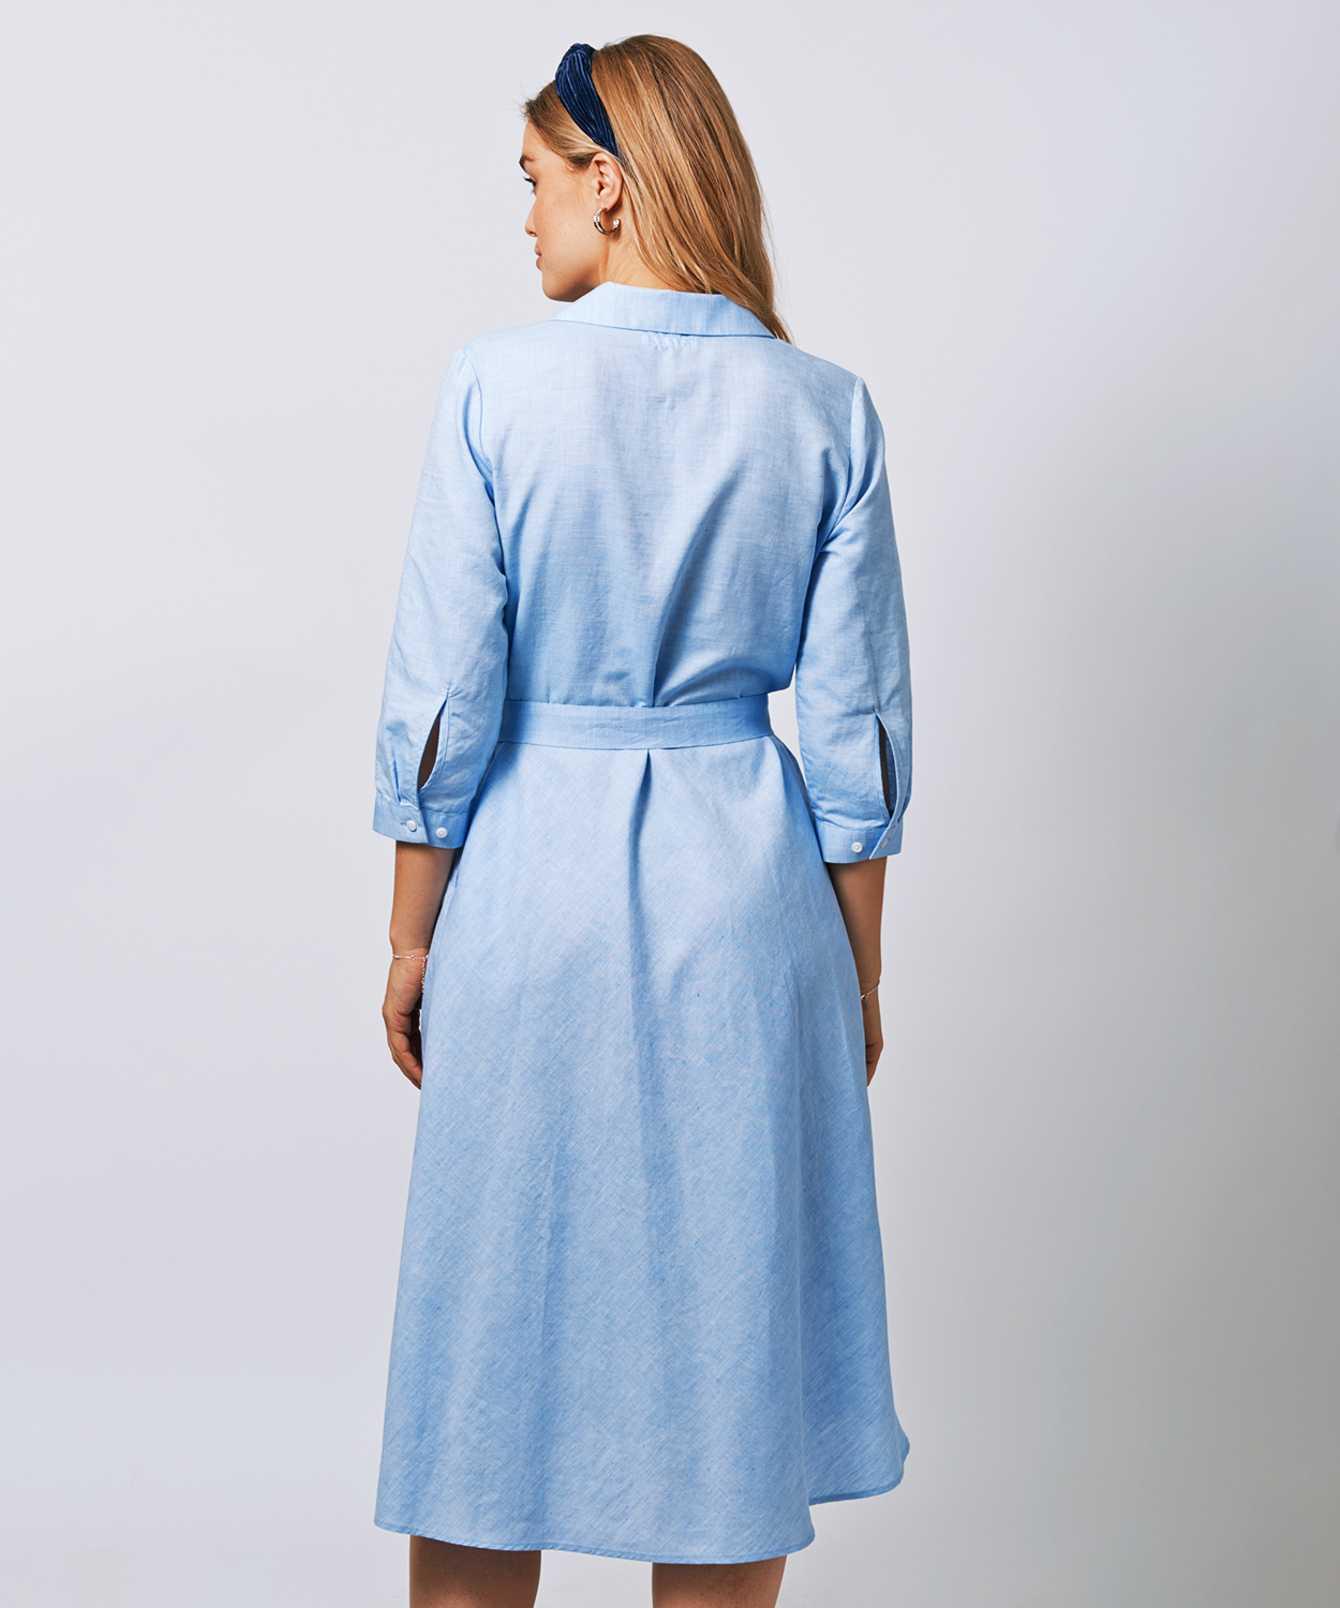 Skjorta Stella Portofino Blå The Shirt Factory